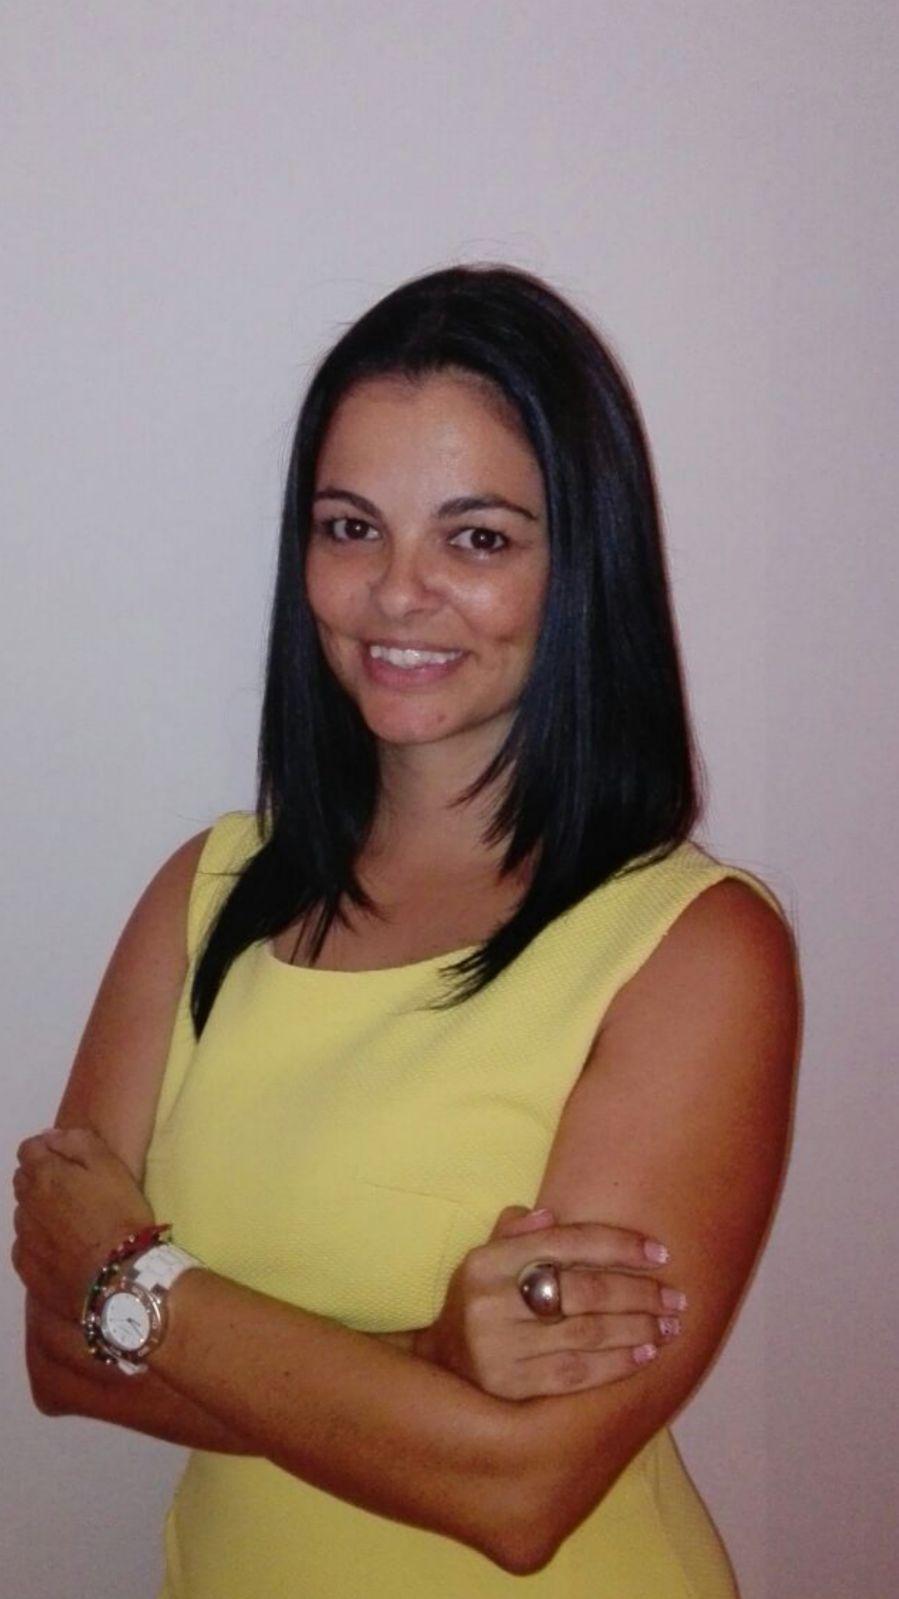 Leticia Sauca Tlf.:616 125 636